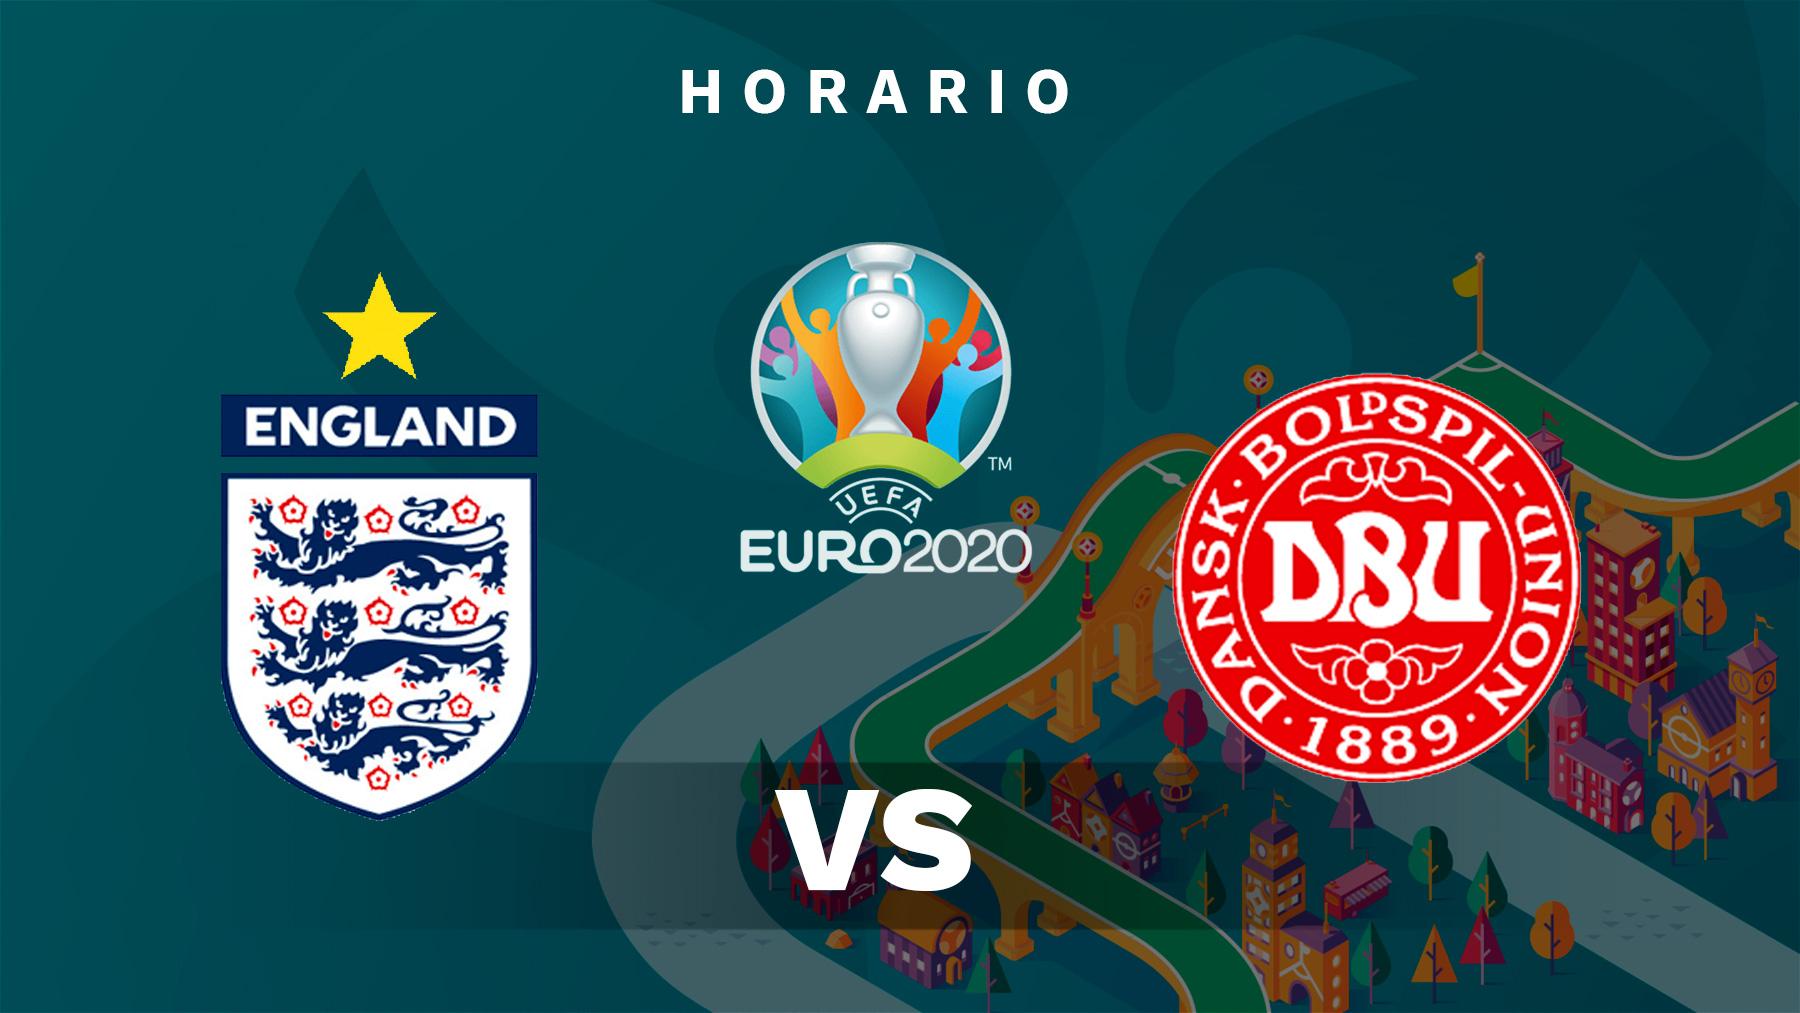 Eurocopa 2020: Inglaterra – Dinamarca | Horario del partido de fútbol de la Eurocopa.